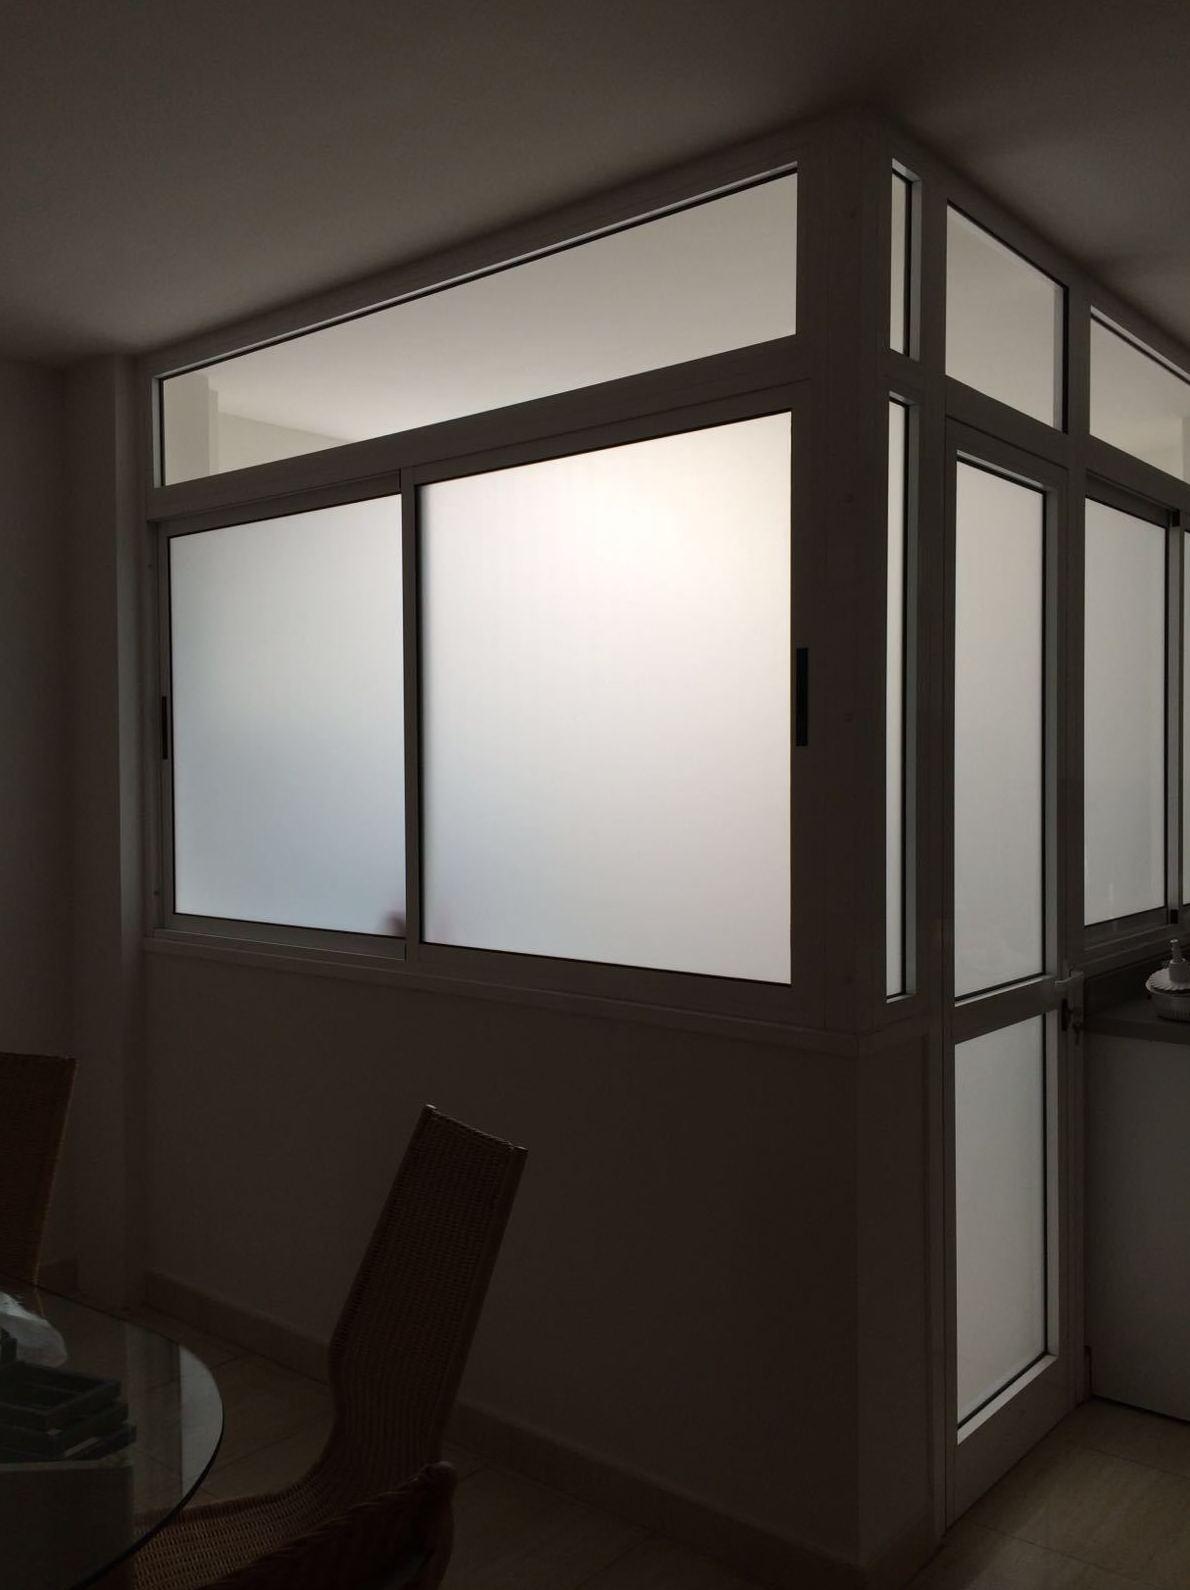 Reforma en piso Santa Cruz de Tenerife. Colocación de vinilo en ventanas y puertas